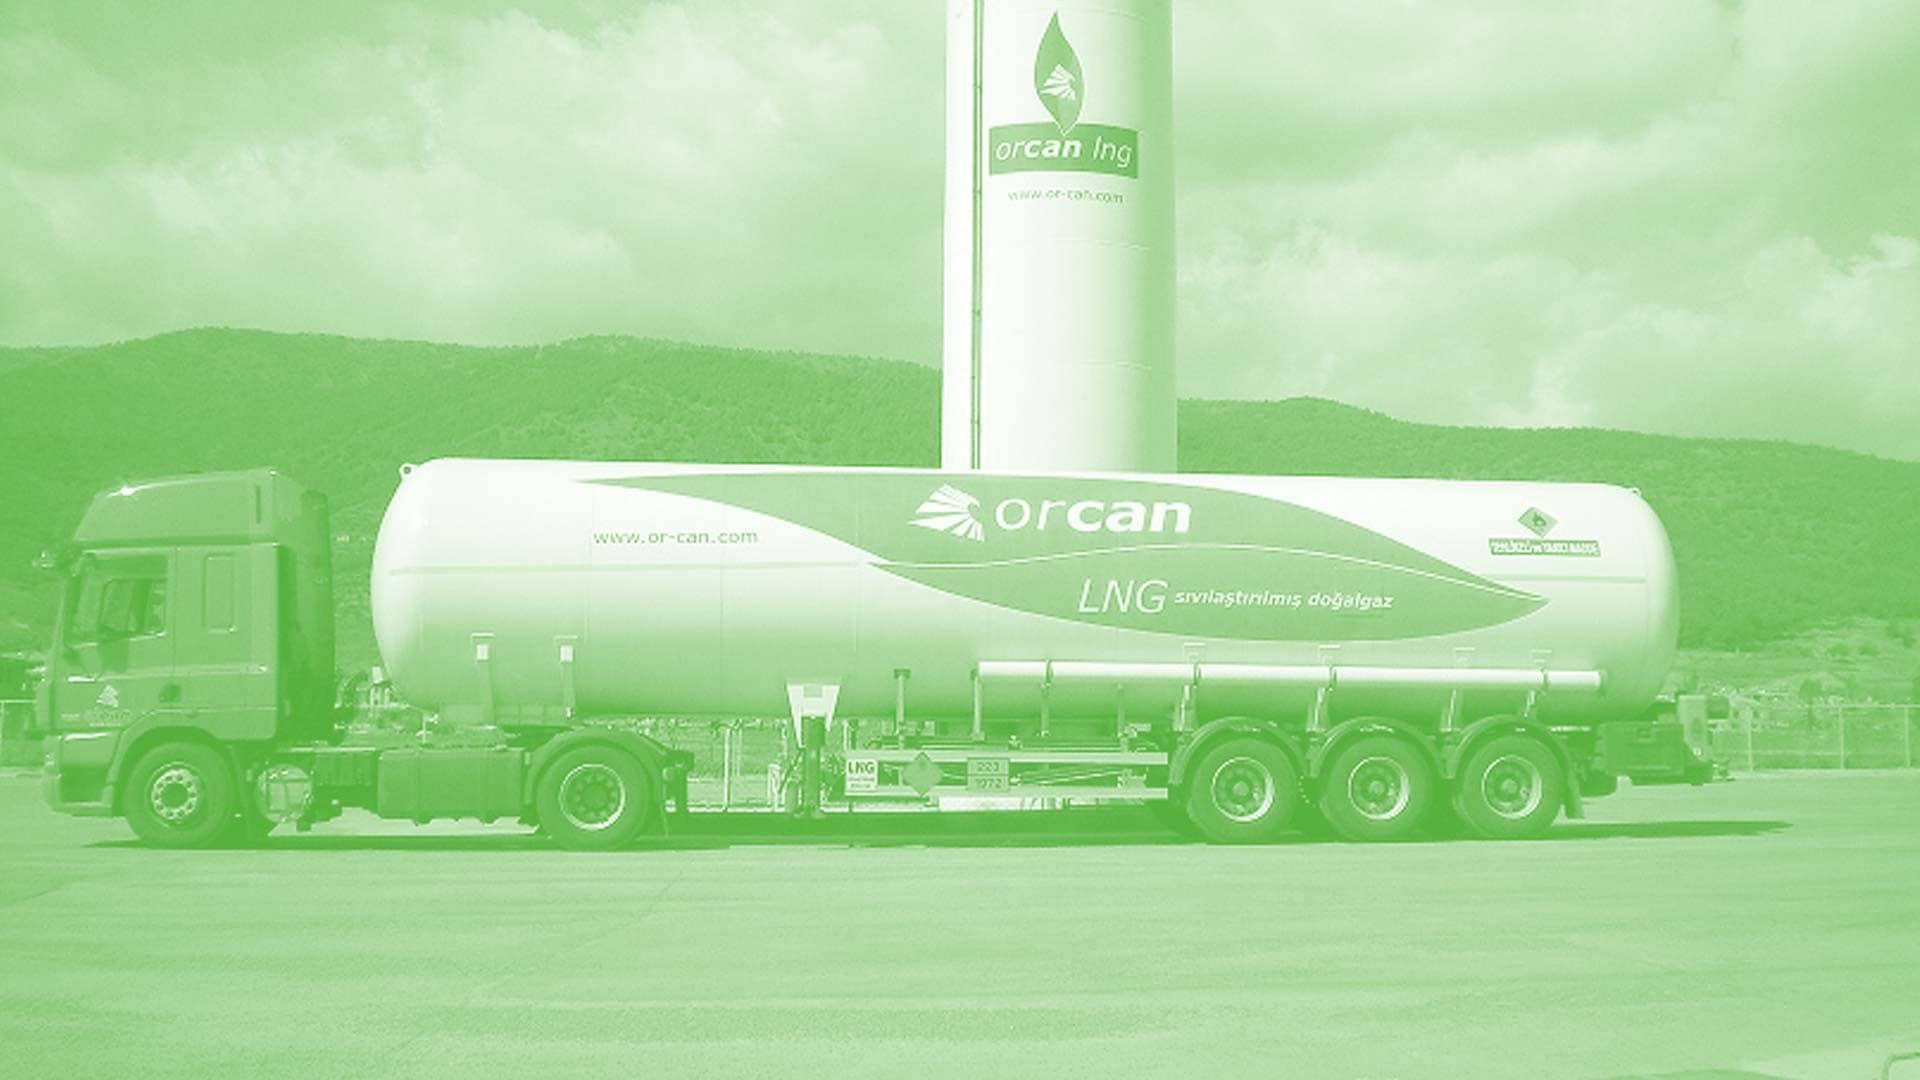 orcan-doğalgaz-proje-yönetimi-erp-çözümleri-sistem-yazılım